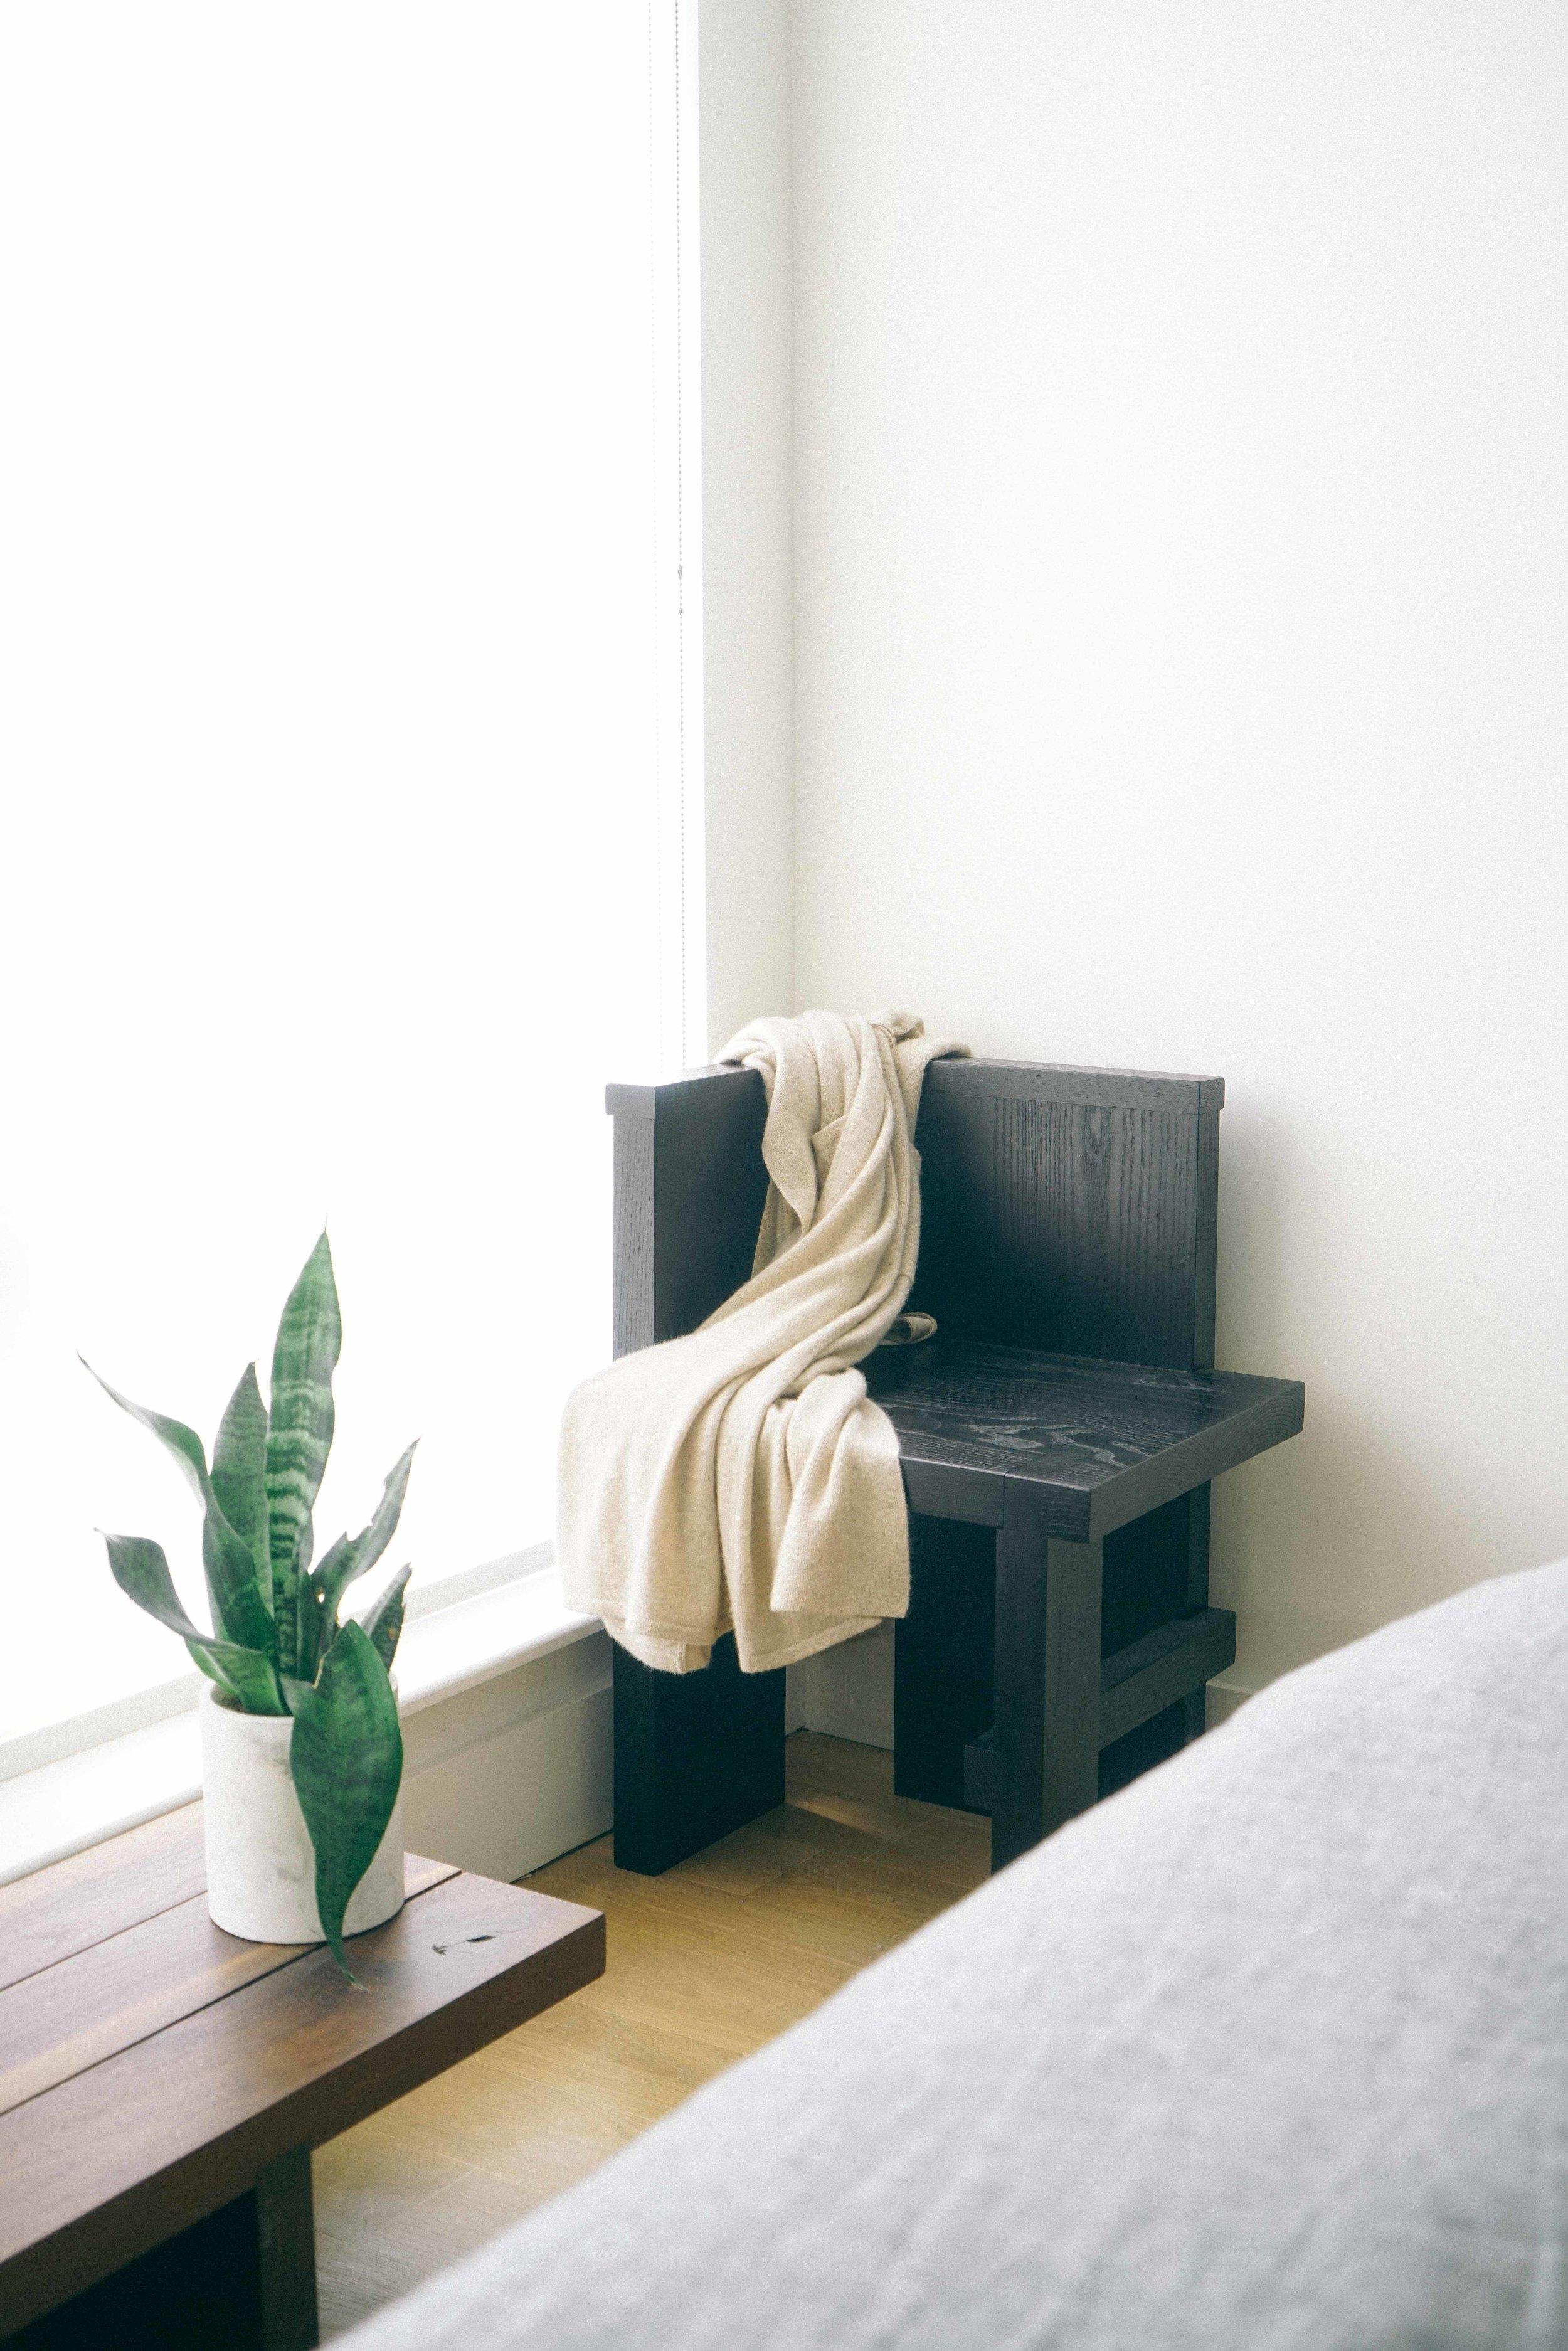 sculpturechair1.jpg